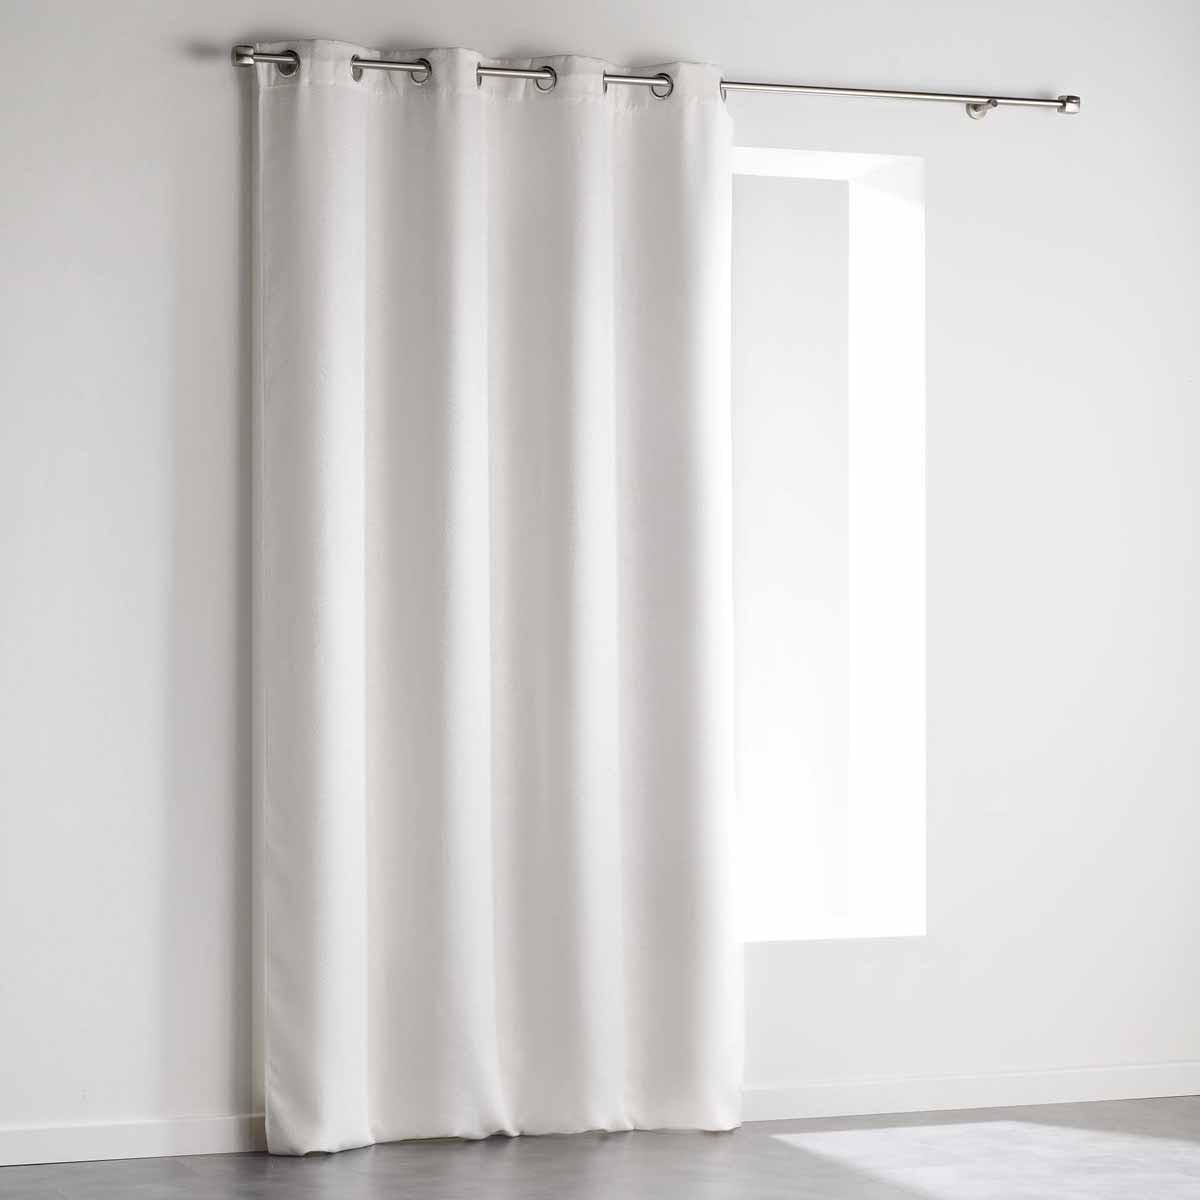 Κουρτίνα Blackout Βελουτέ (140×240) Με Τρουκς L-C Triago Blanc 1607642